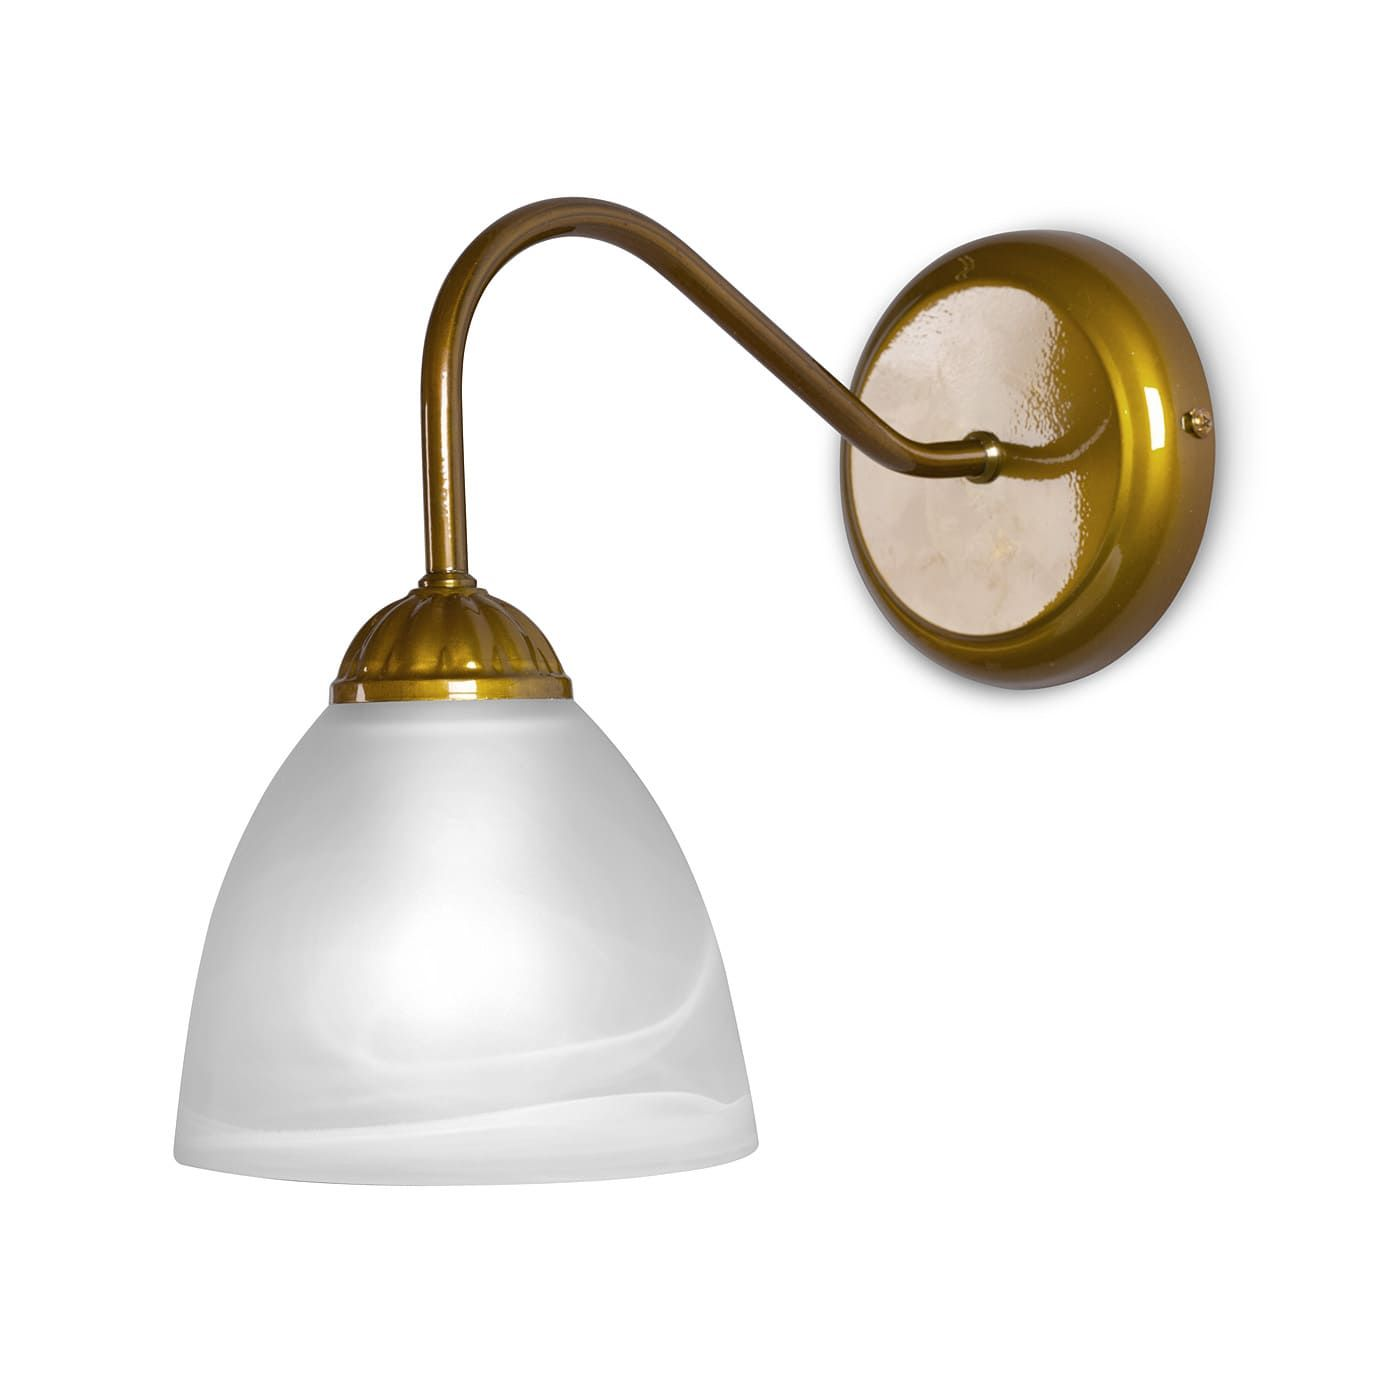 PETRASVET / Wall lamp S2113-1, 1xE27 max. 60W